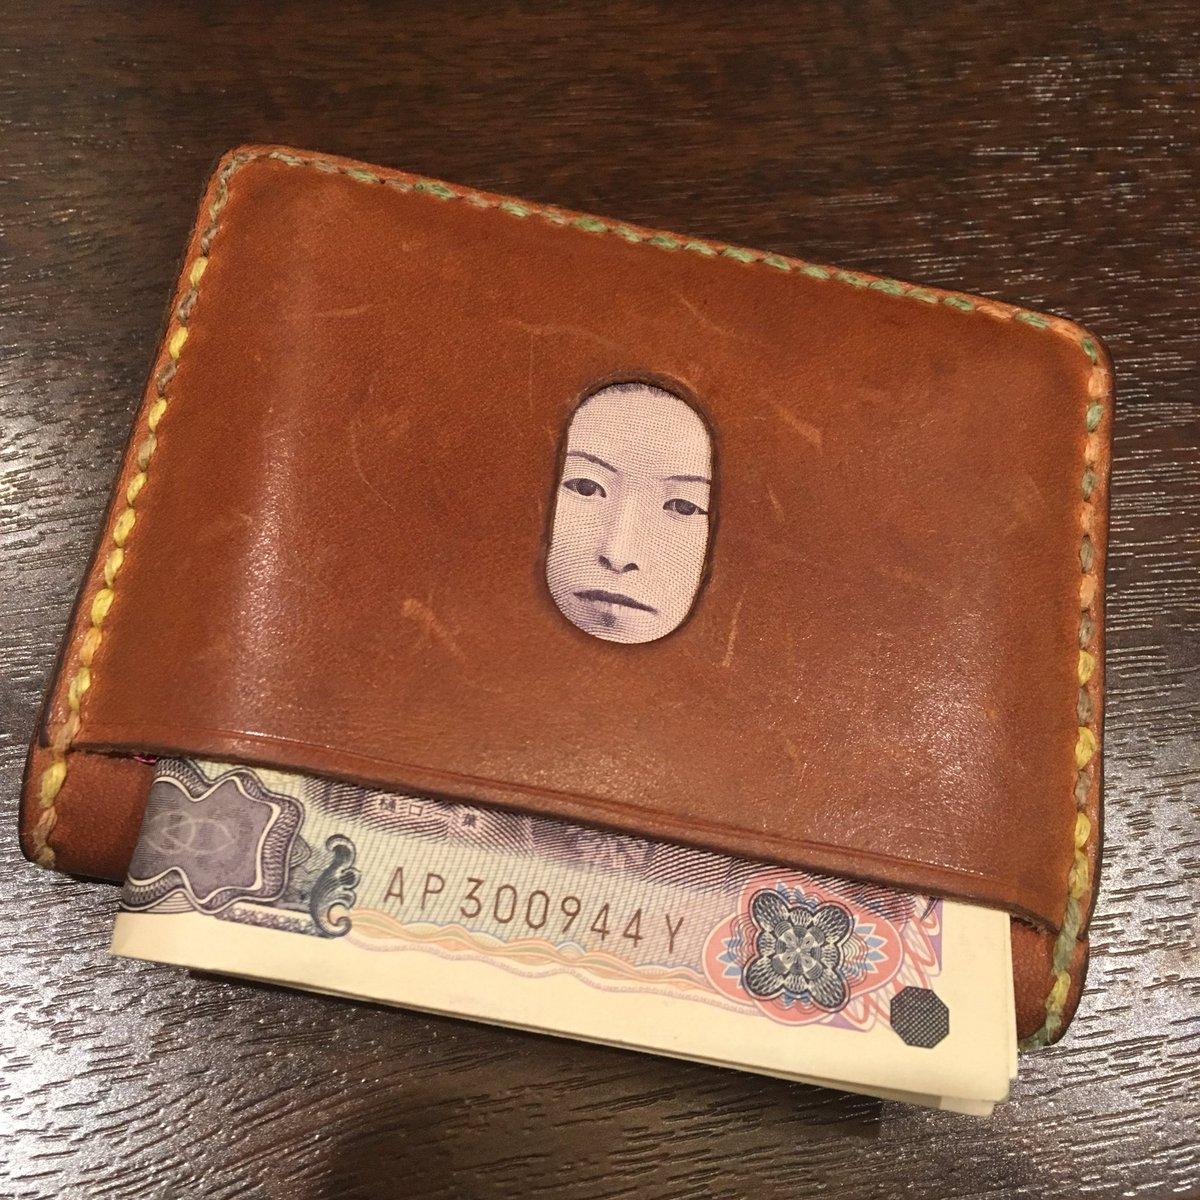 この財布ずっと使ってたけど今気付いてビビってる